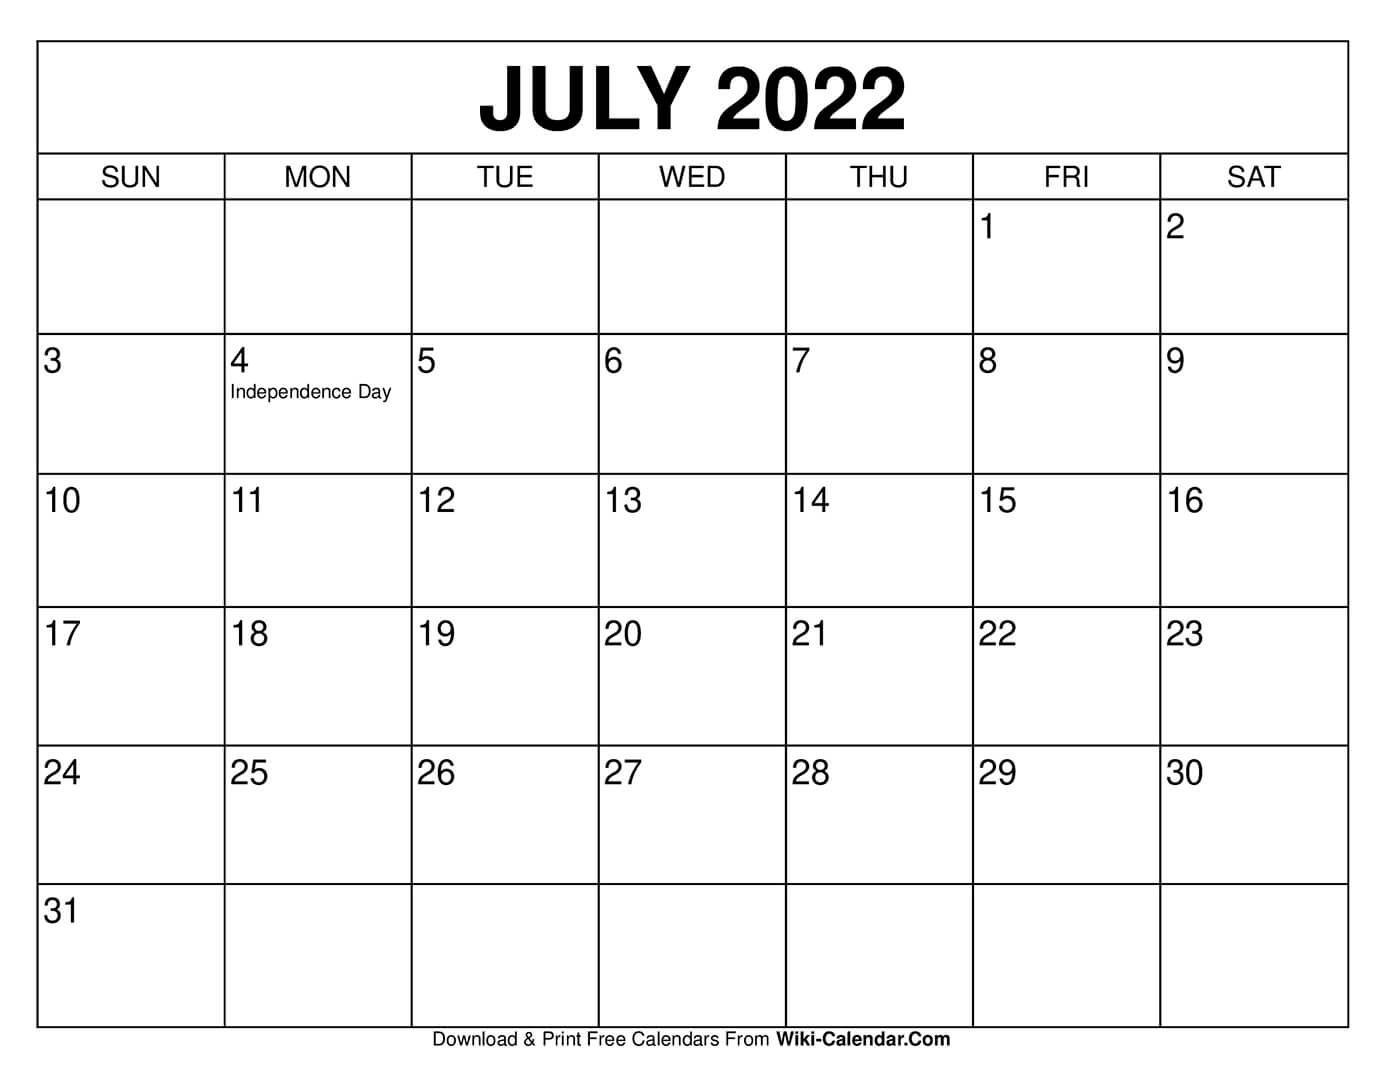 July 2022 Calendar In 2020 2020 Calendar Template Free Printable Calendar Templates Calendar Template